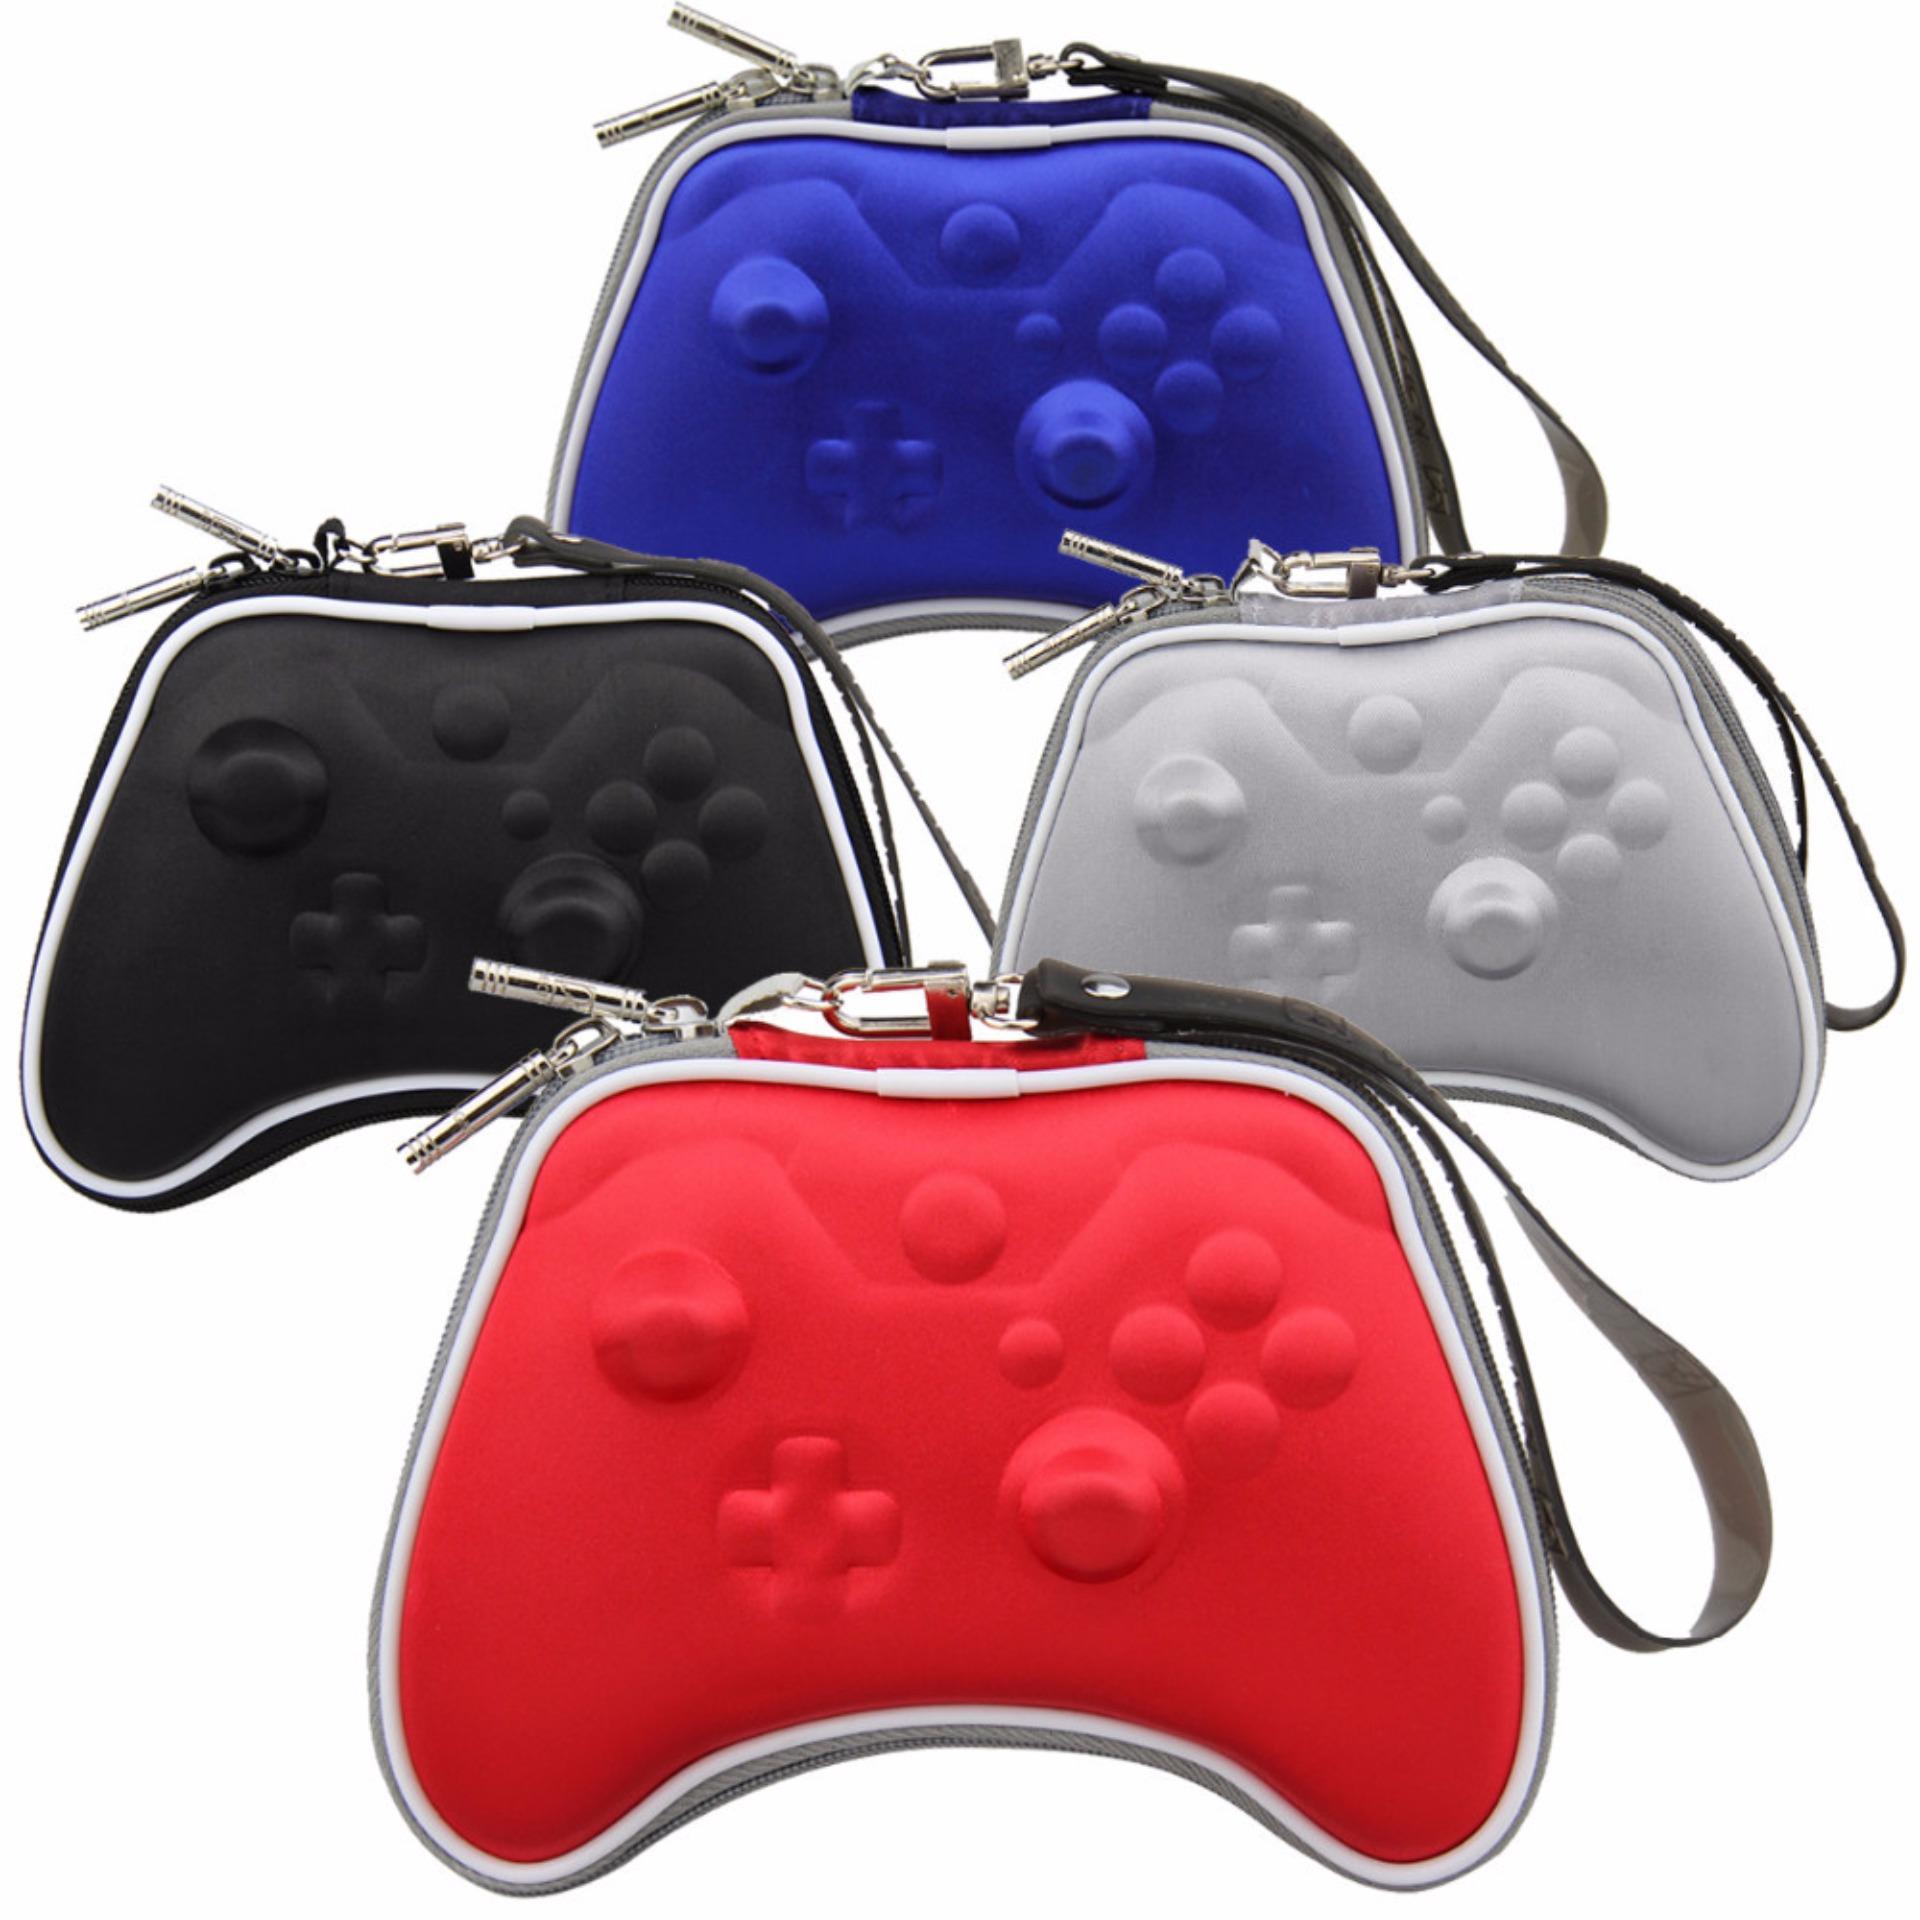 Bao chống sốc có khóa túi đựng bảo vệ Tay cầm Xbox One / Xbox One S